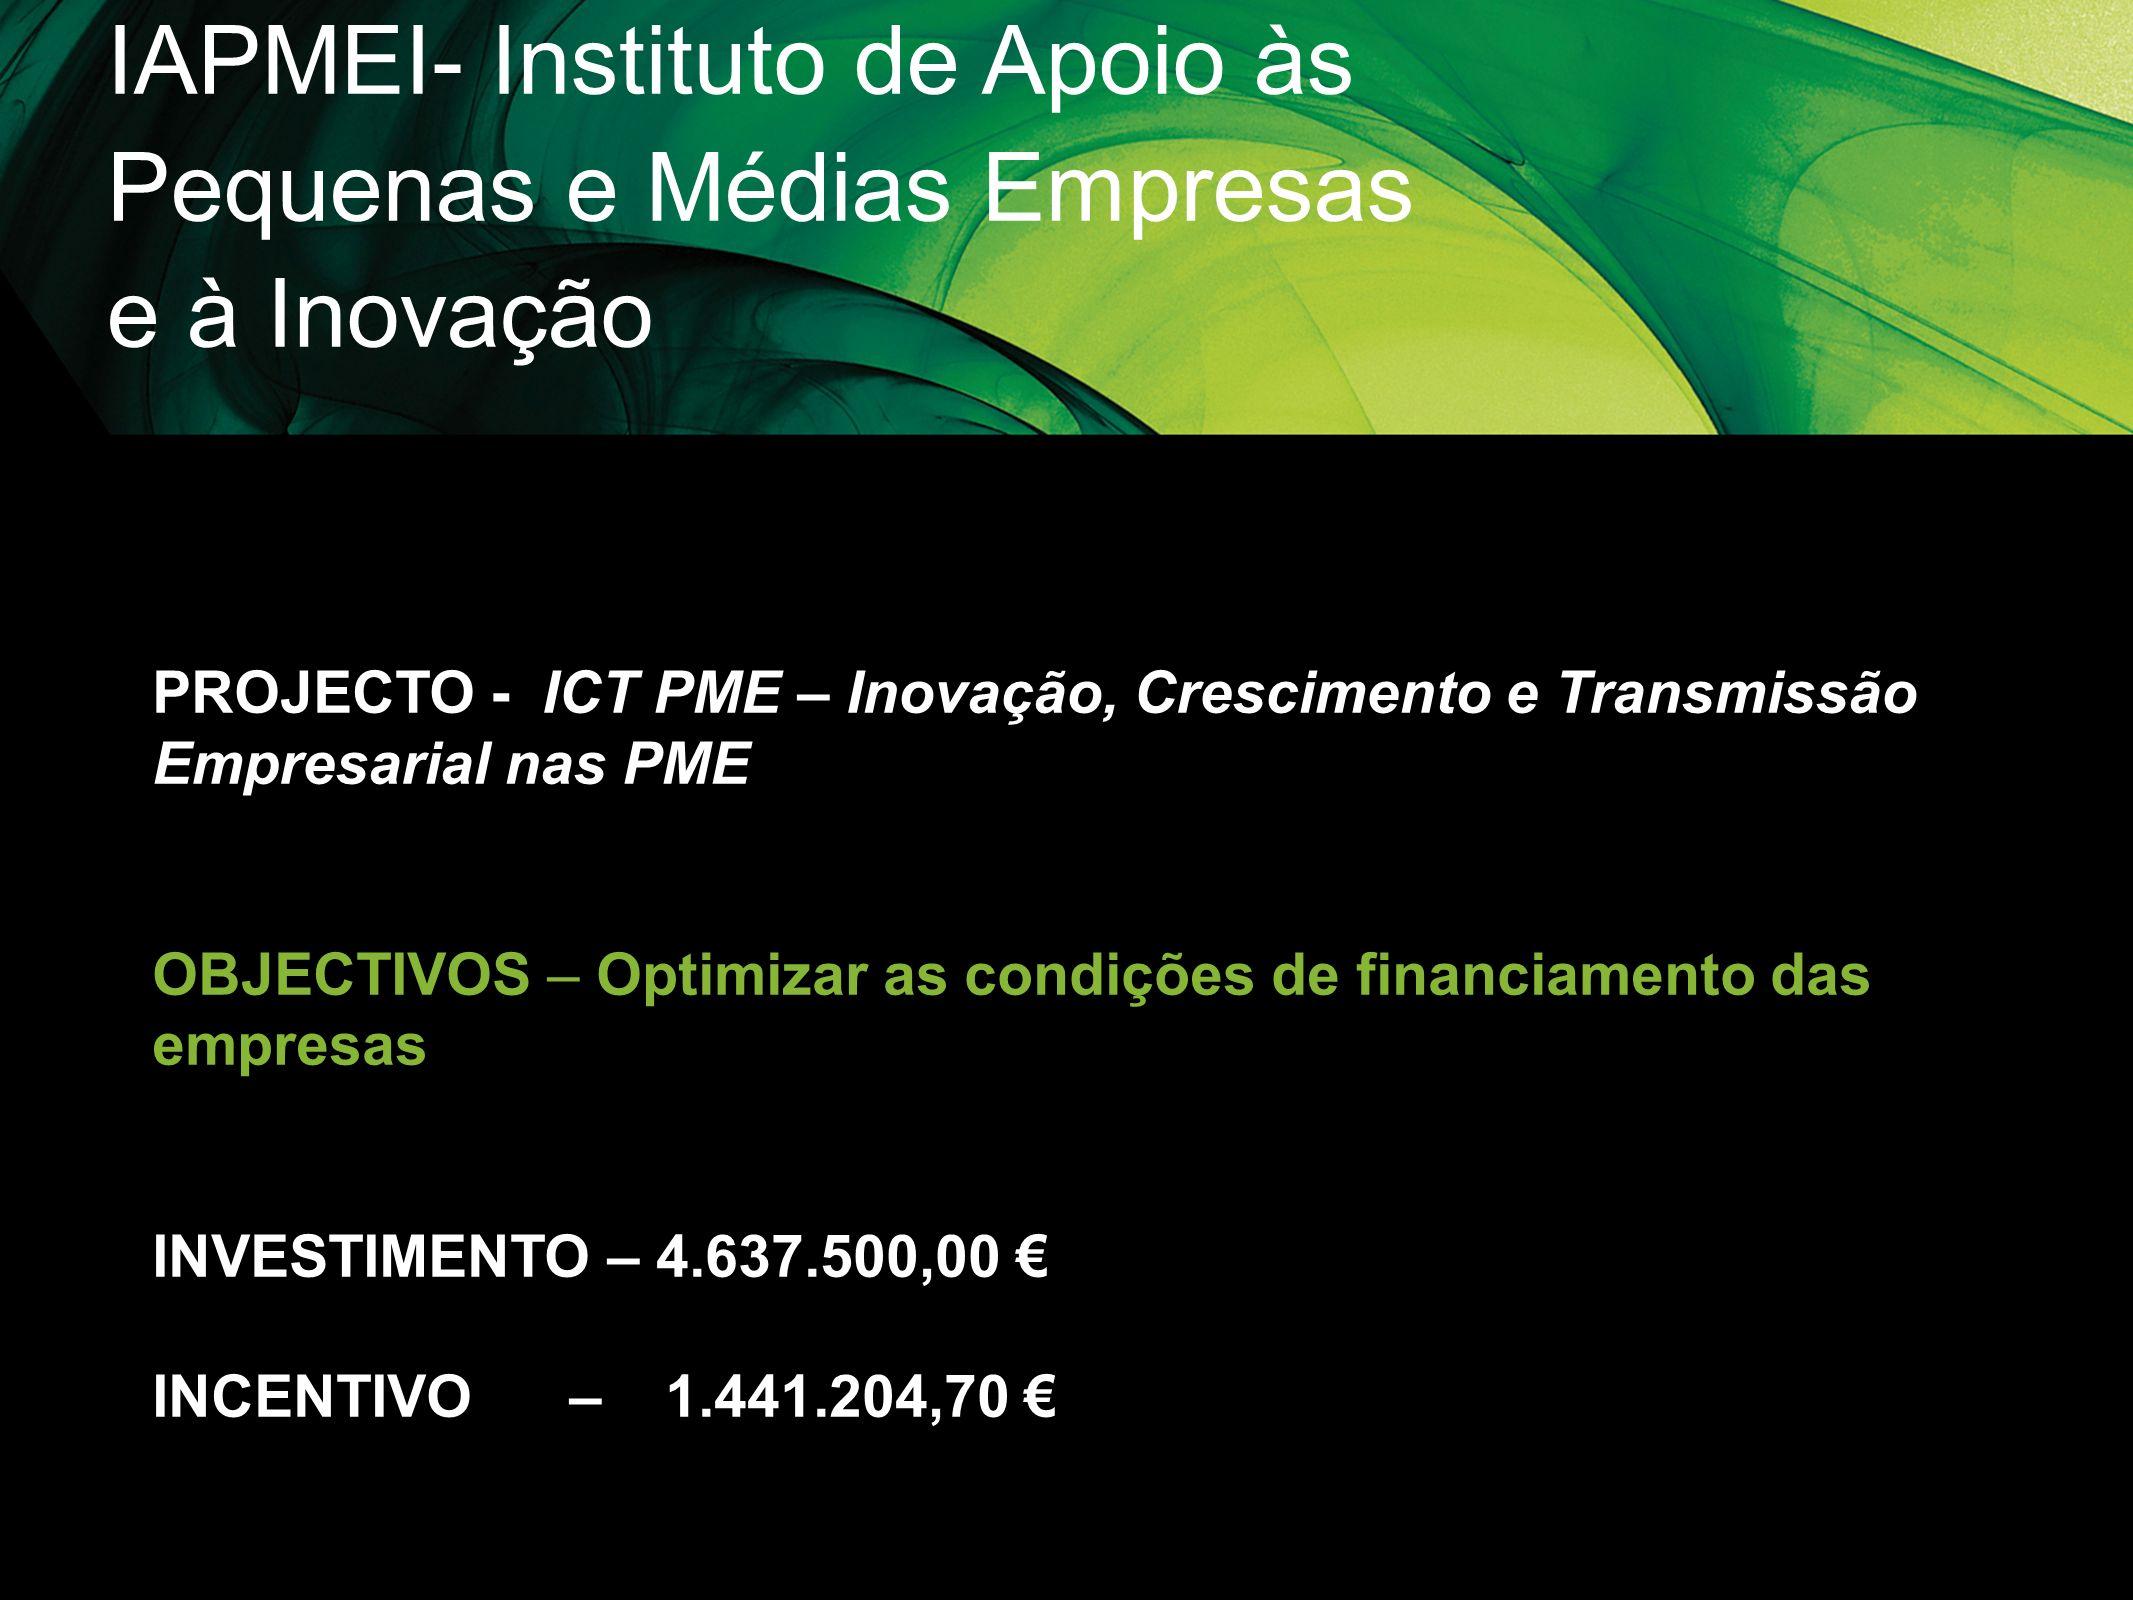 IAPMEI- Instituto de Apoio às Pequenas e Médias Empresas e à Inovação PROJECTO - ICT PME – Inovação, Crescimento e Transmissão Empresarial nas PME OBJ